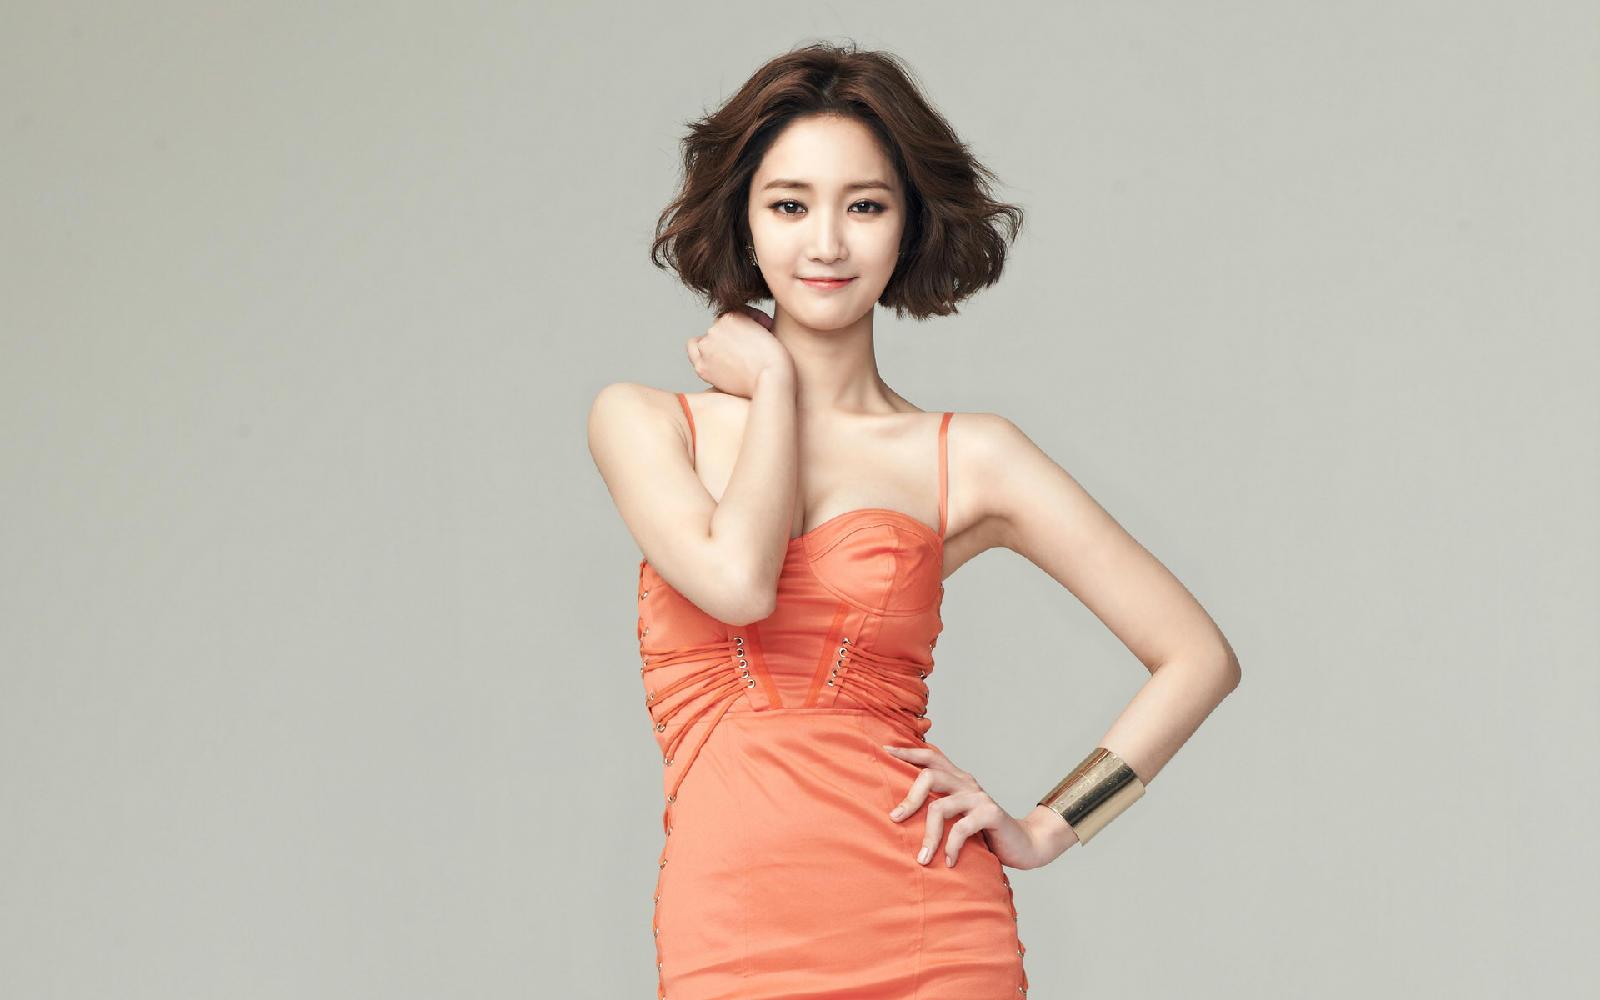 韩国美女明星高俊熙性感写真